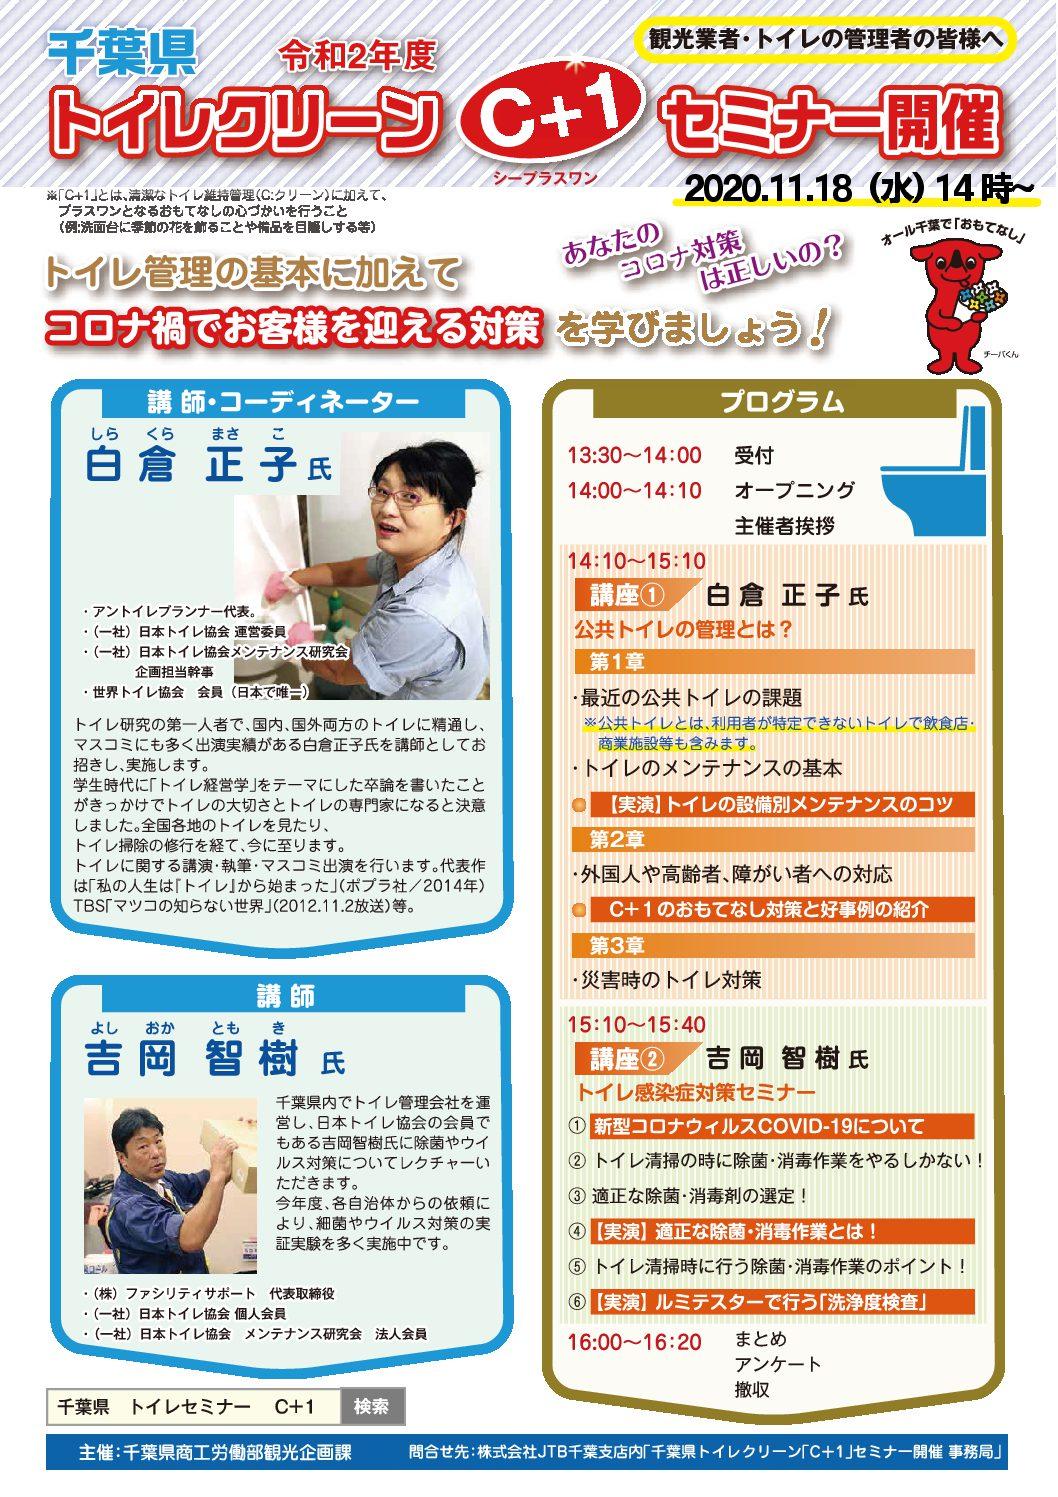 千葉県トイレクリーンC+1セミナー開催